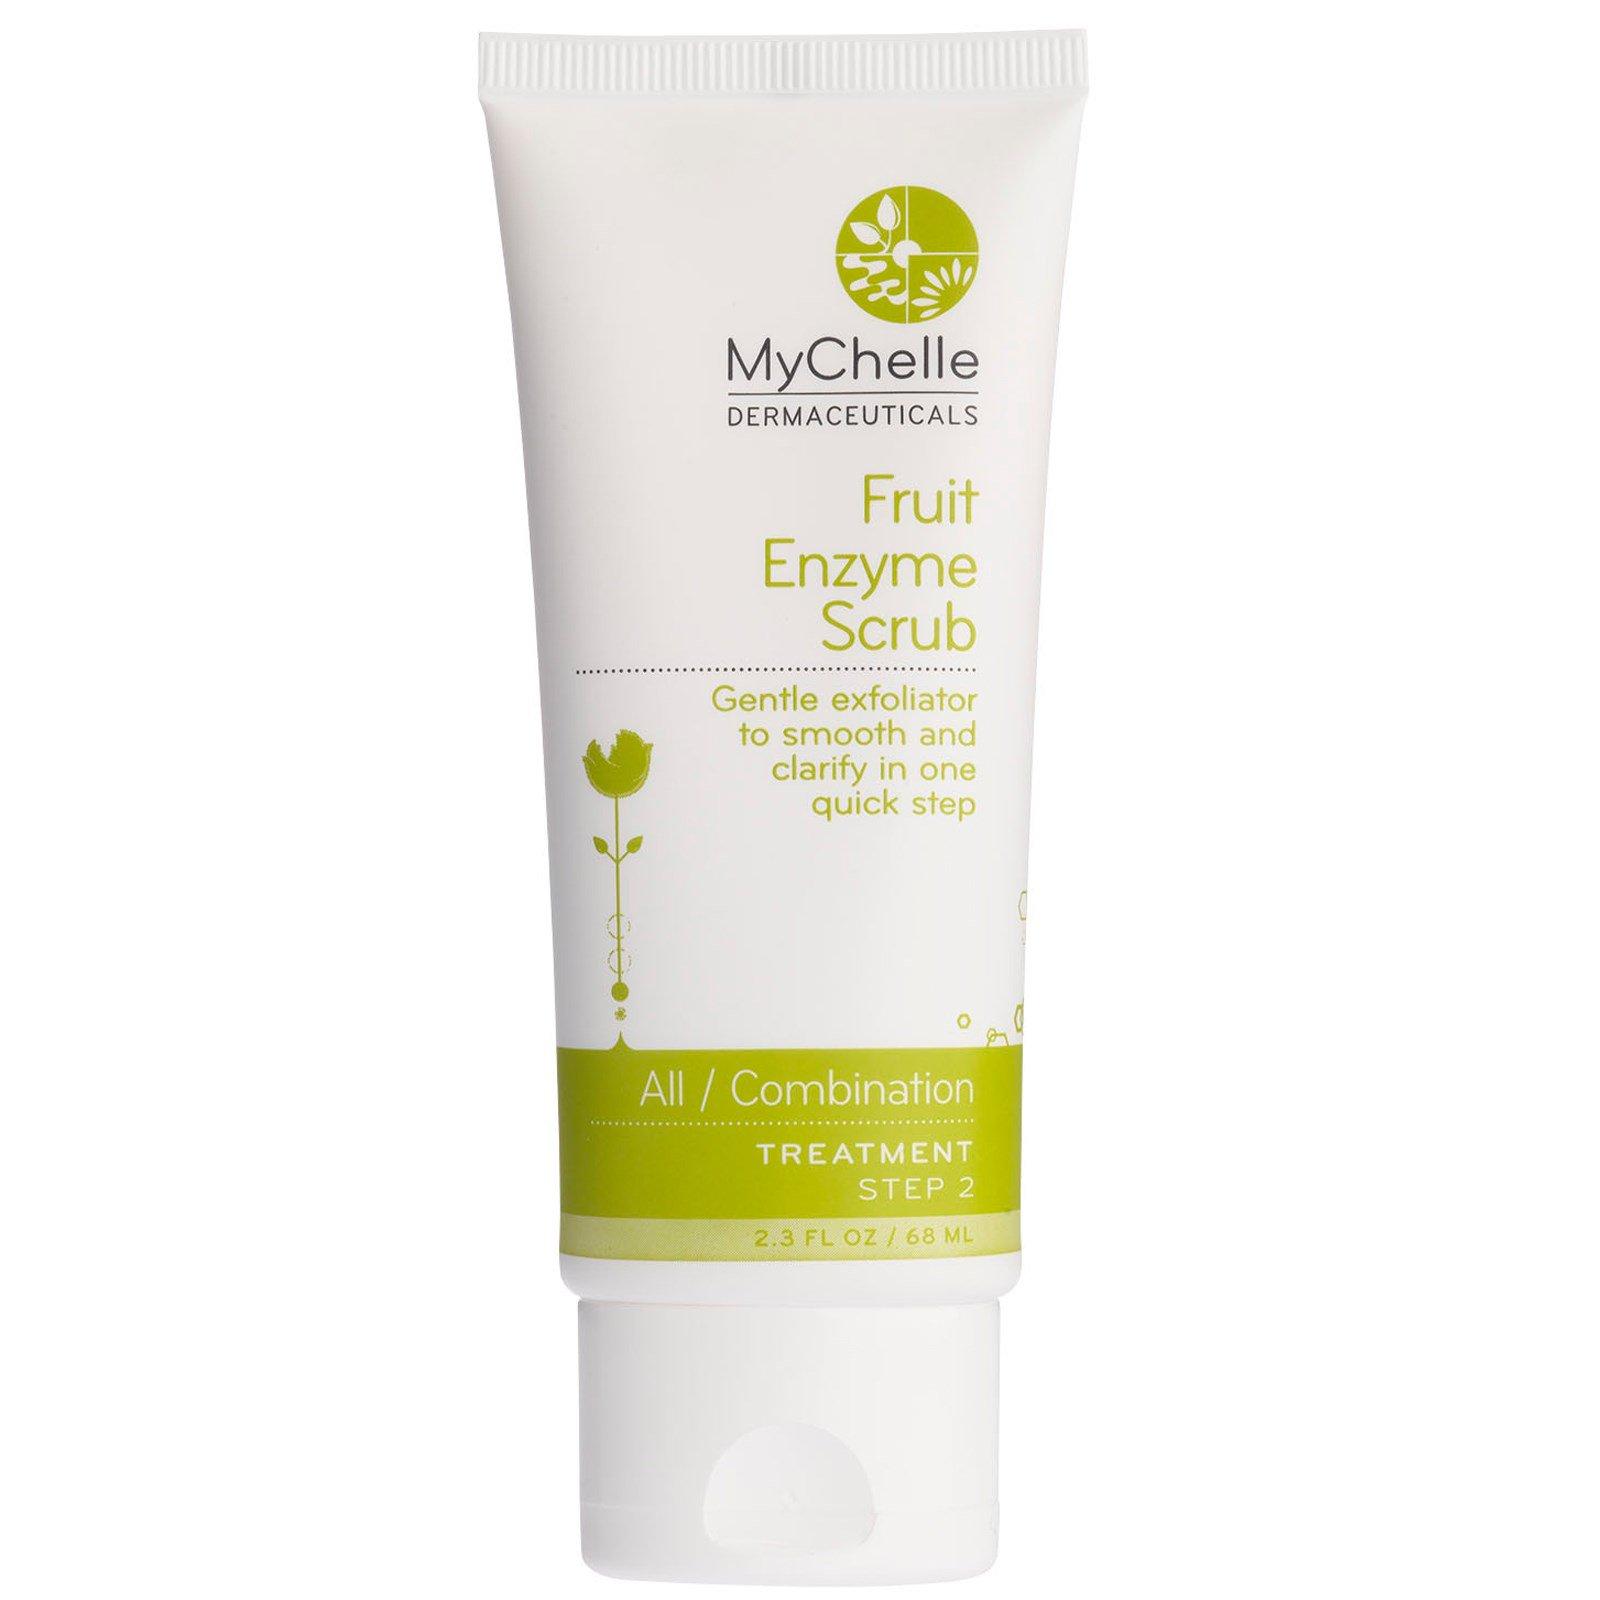 MyChelle Dermaceuticals, Фруктовый ферментный скраб, для любого/смешанного типа кожи, лечебный, стадия 2, 2.3 жидких унции (68 мл)